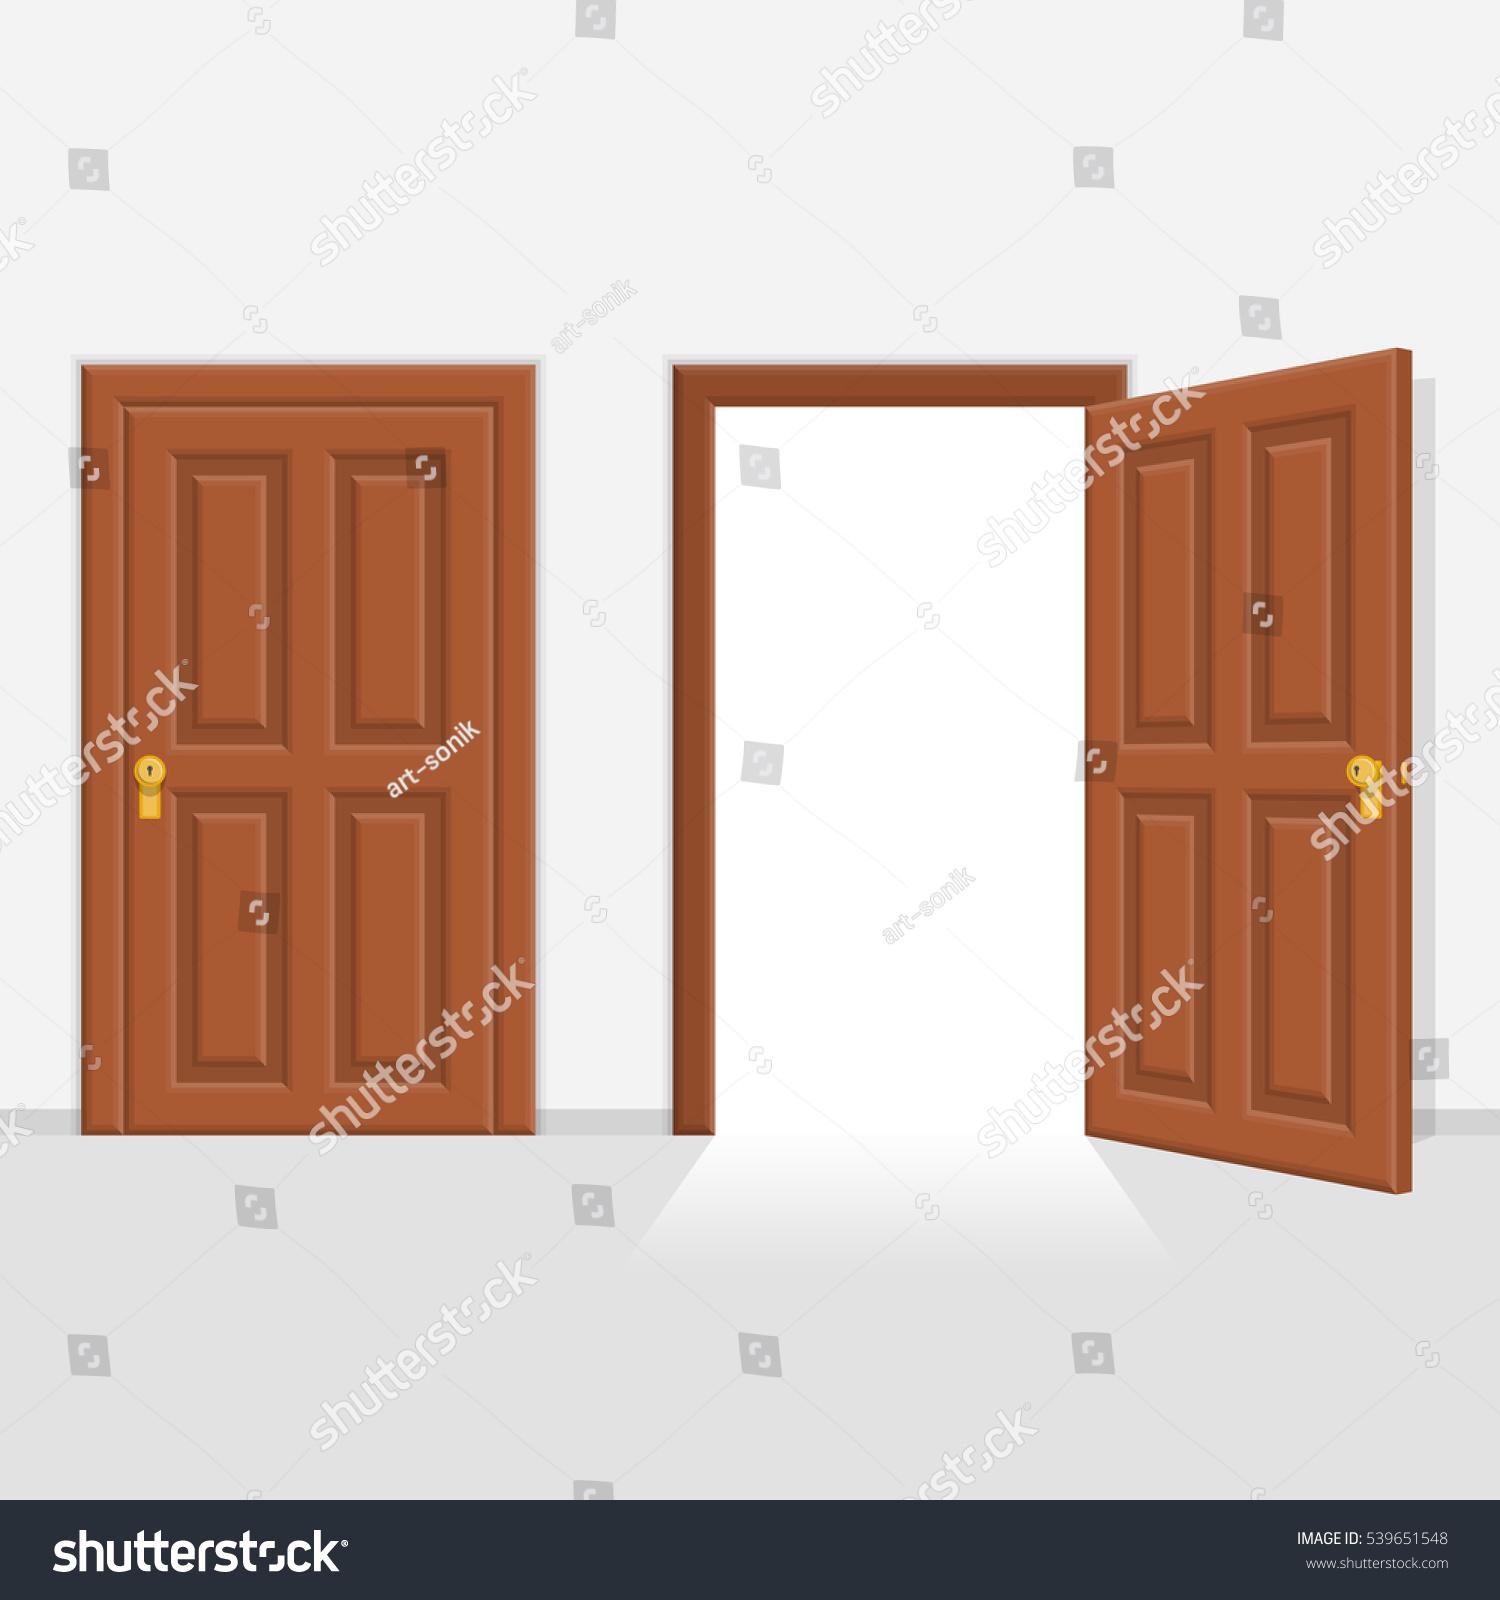 Open And Closed Doors : Open closed brown wooden doors vector stock